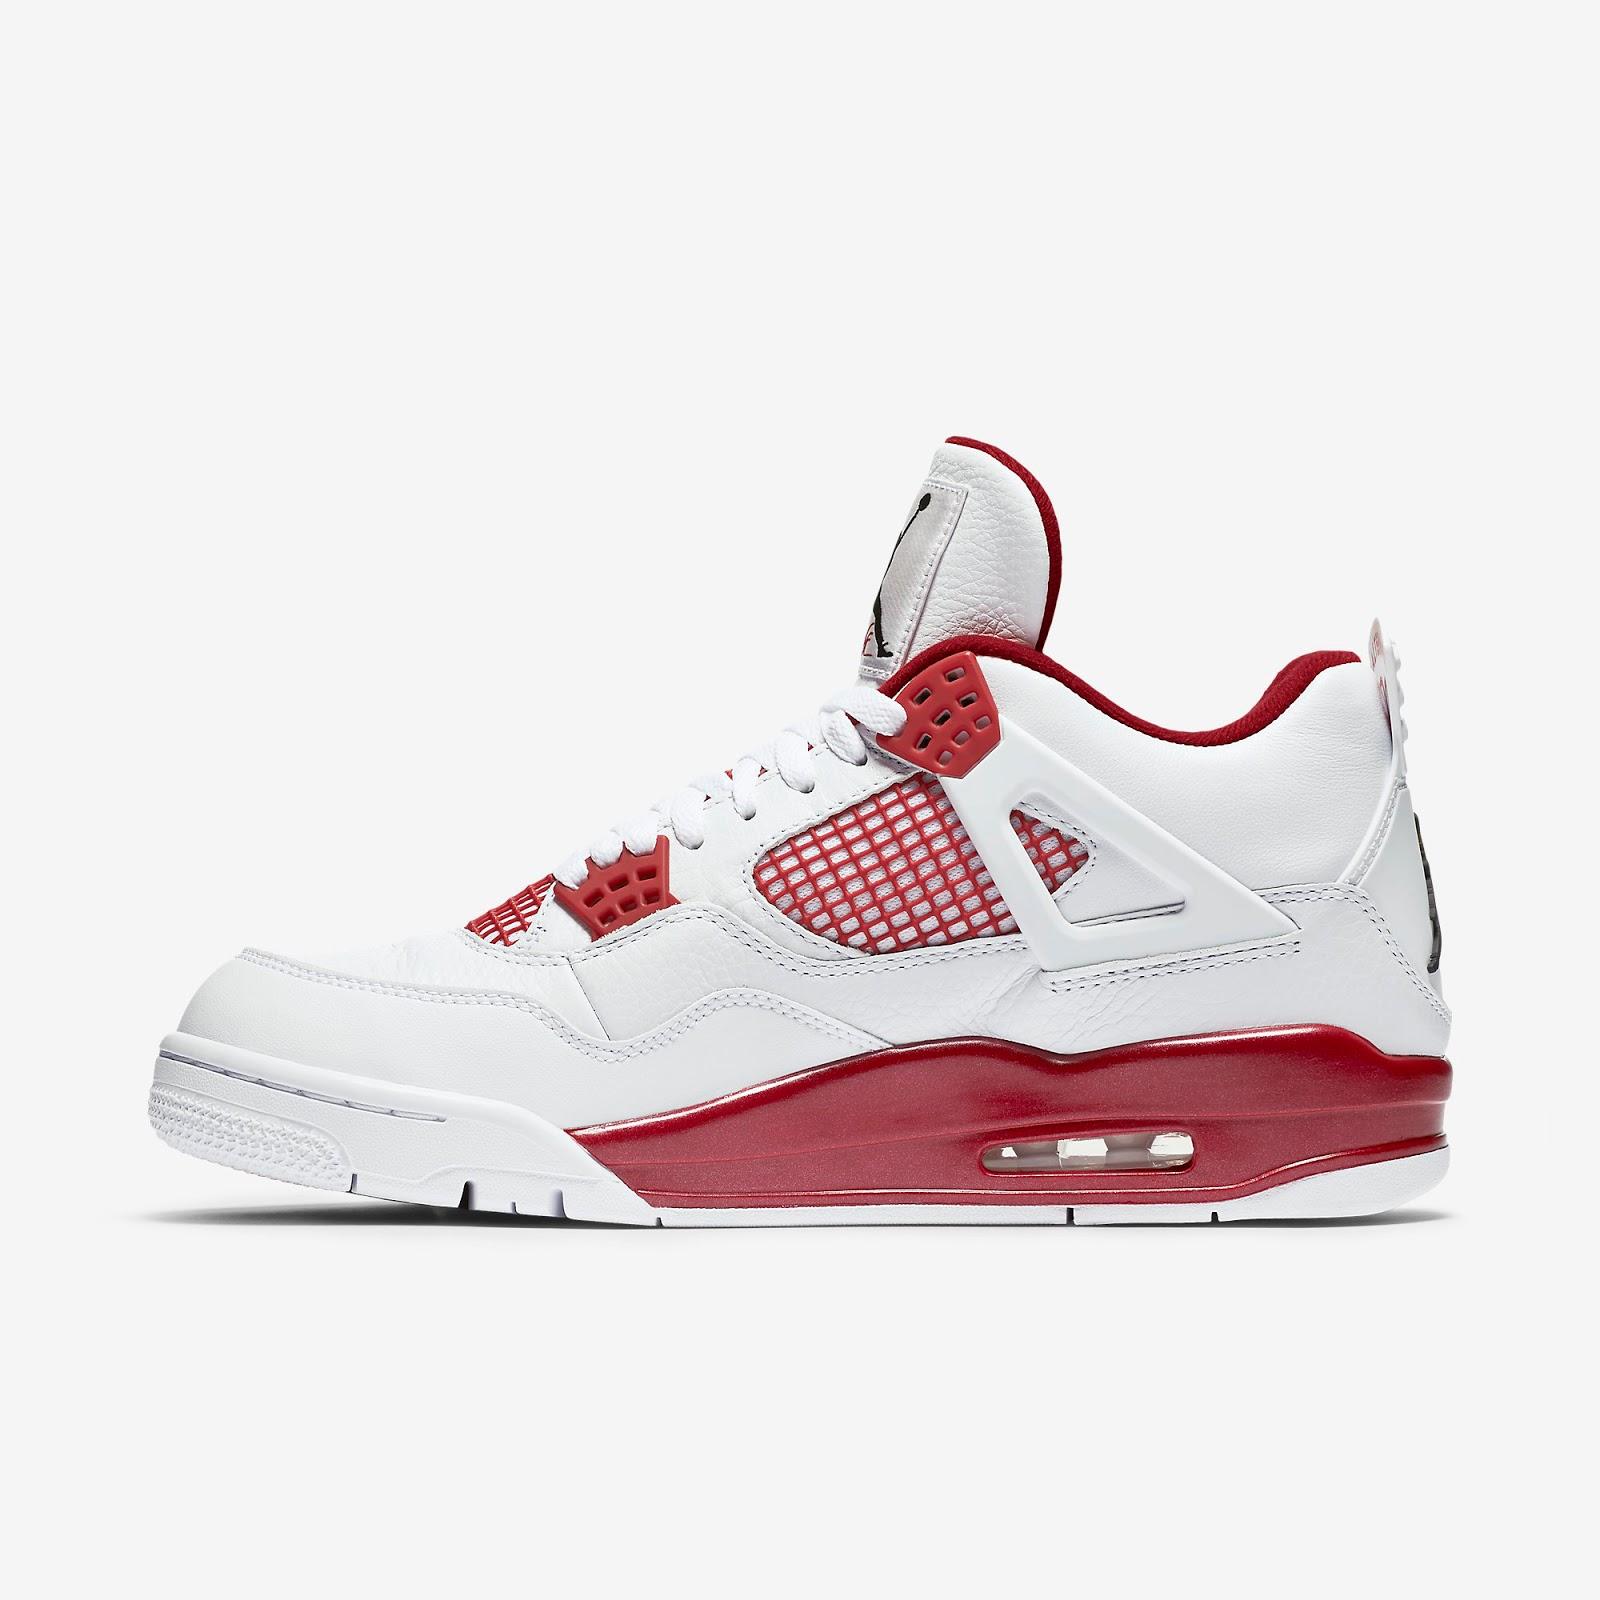 abf0ea9f73c231 Air Jordan 4 Retro Nike Air Jordan 4 Retro Alternate 89 .